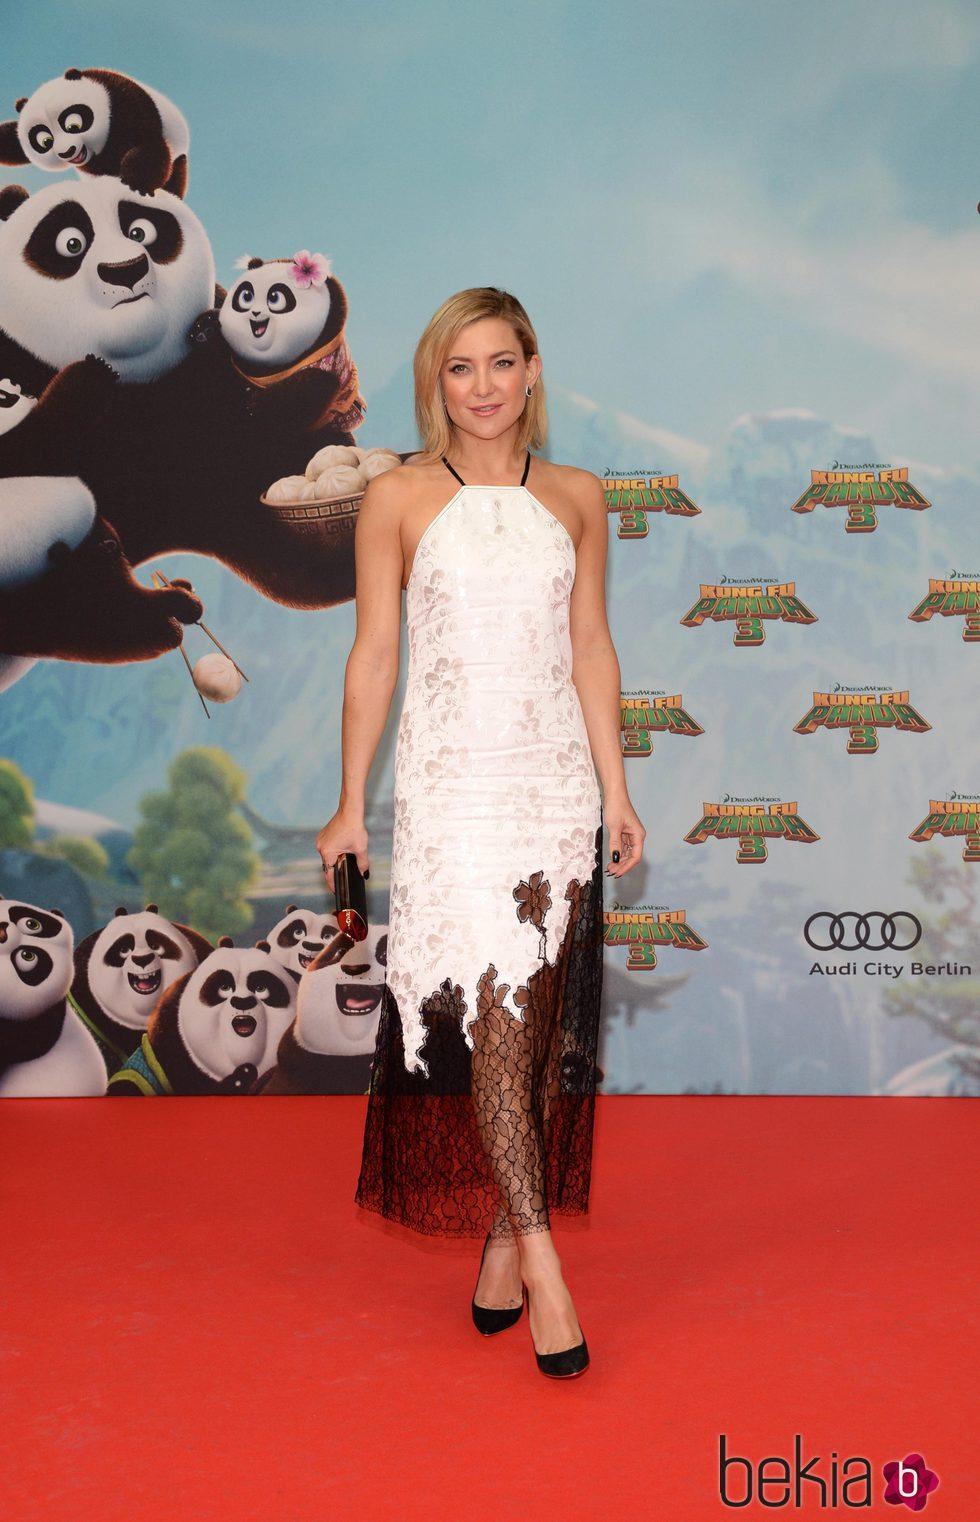 Kate Hudson luce un look radiante y natural en la premier de Kung Fu Panda 3 en Berlín.